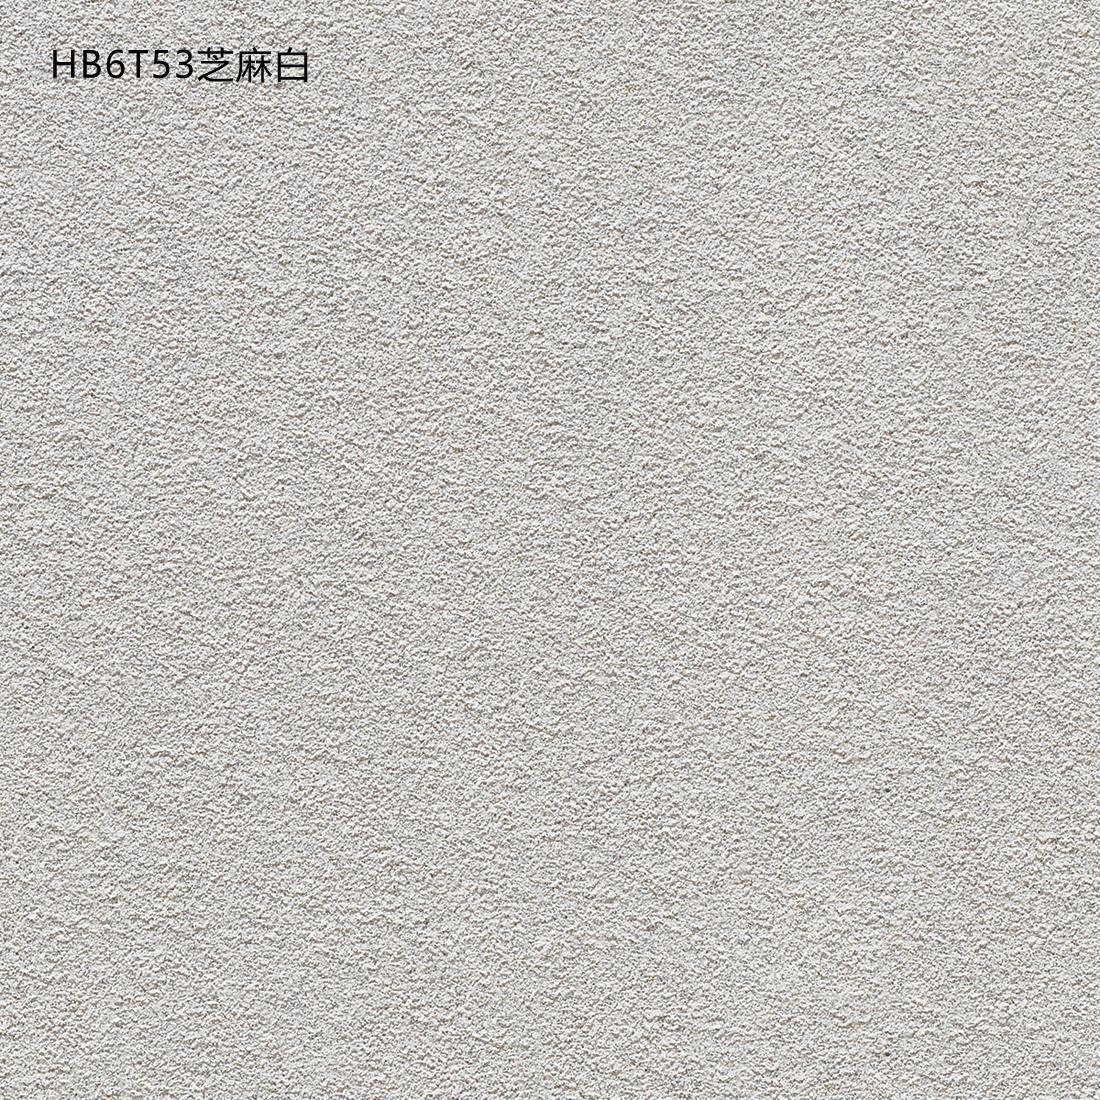 哪些瓷磚適合做瓷磚幕墻?瓷磚幕墻怎么分隔合適?